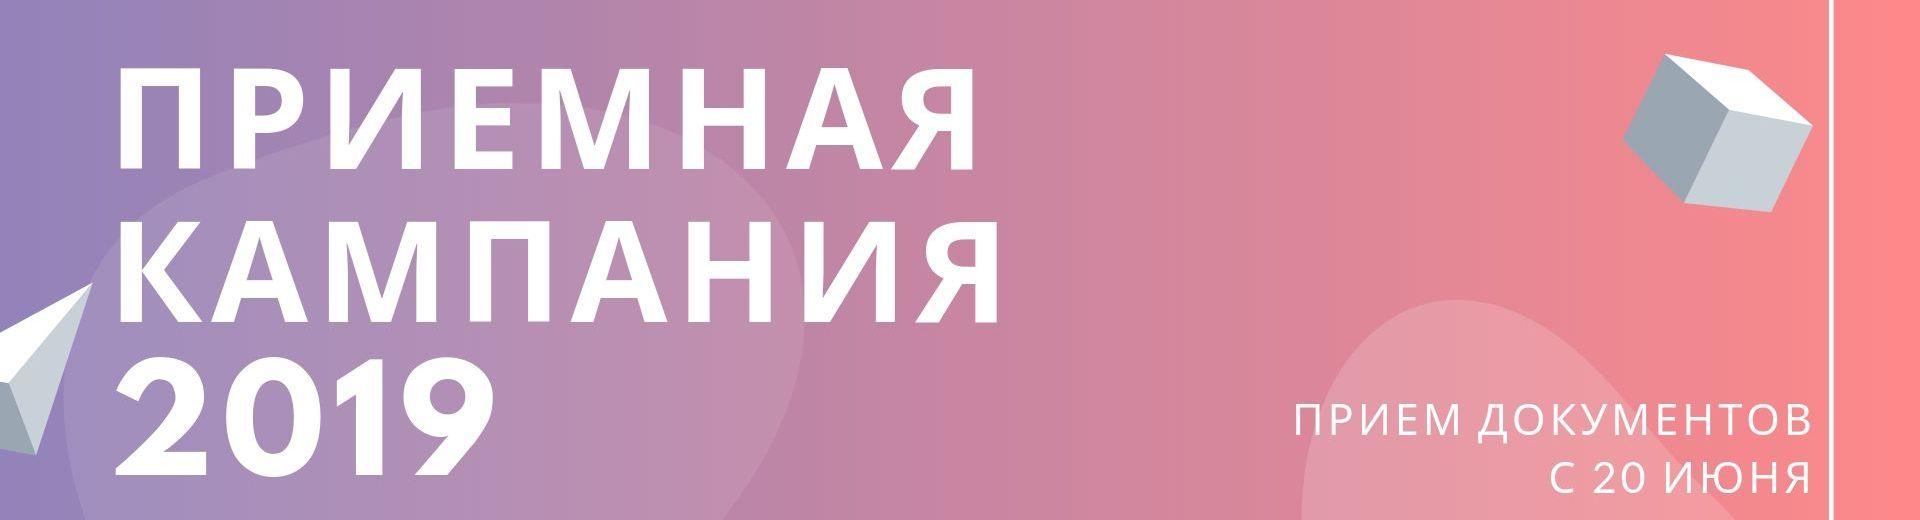 Портал КФУ \ Образование \ Институт социально-философских наук и массовых коммуникаций